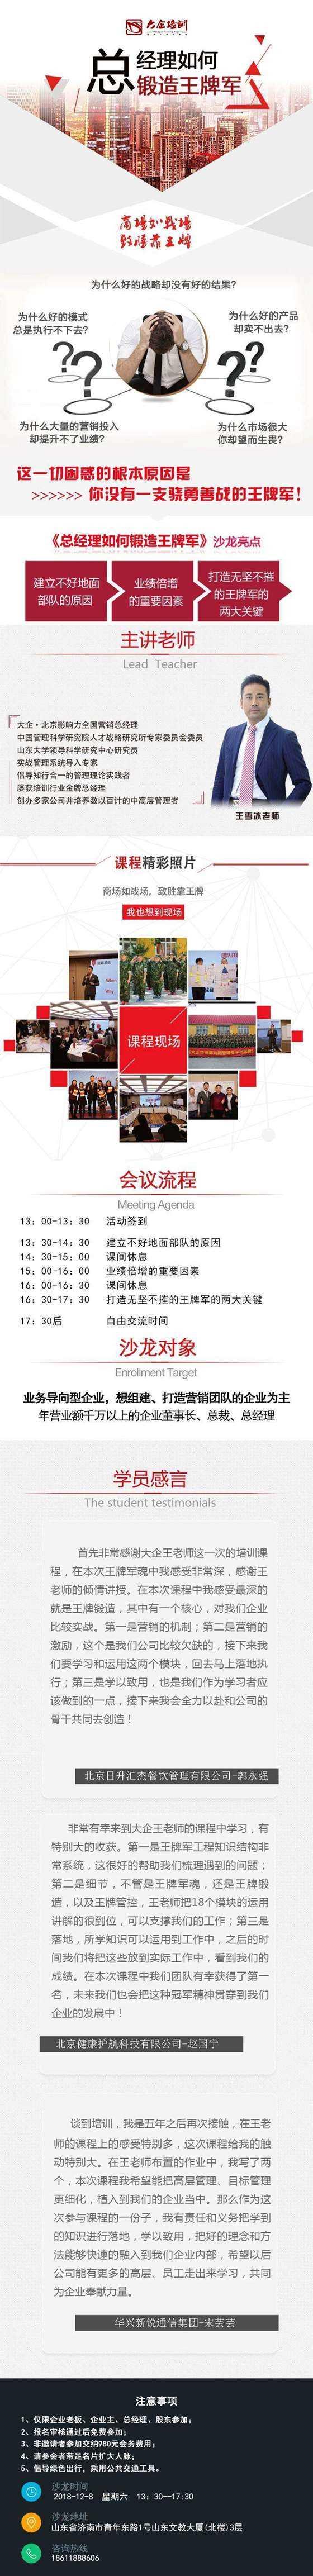 沙龙详情页(王雪冰)12.8.jpg